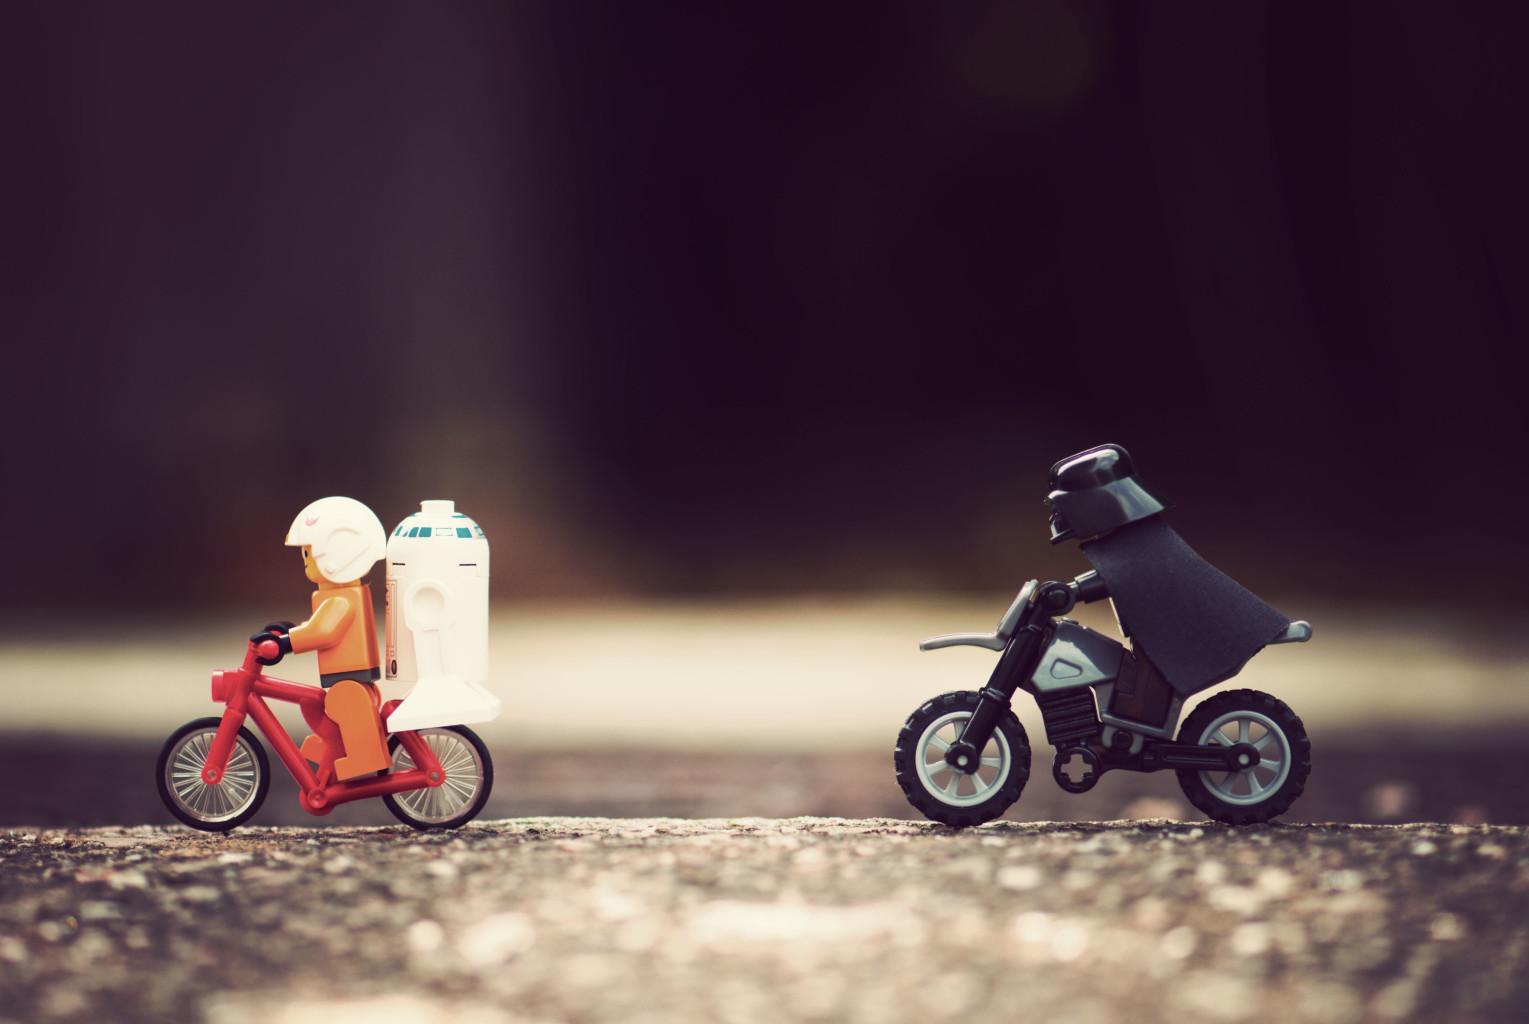 lego, лего, звездные воины, звездные войны, star wars, lucas, лукас, Пехотинец, Дарт Вейдер, Dart Weider, Dart Veider, Darth Vader, Дарт Вэйдер